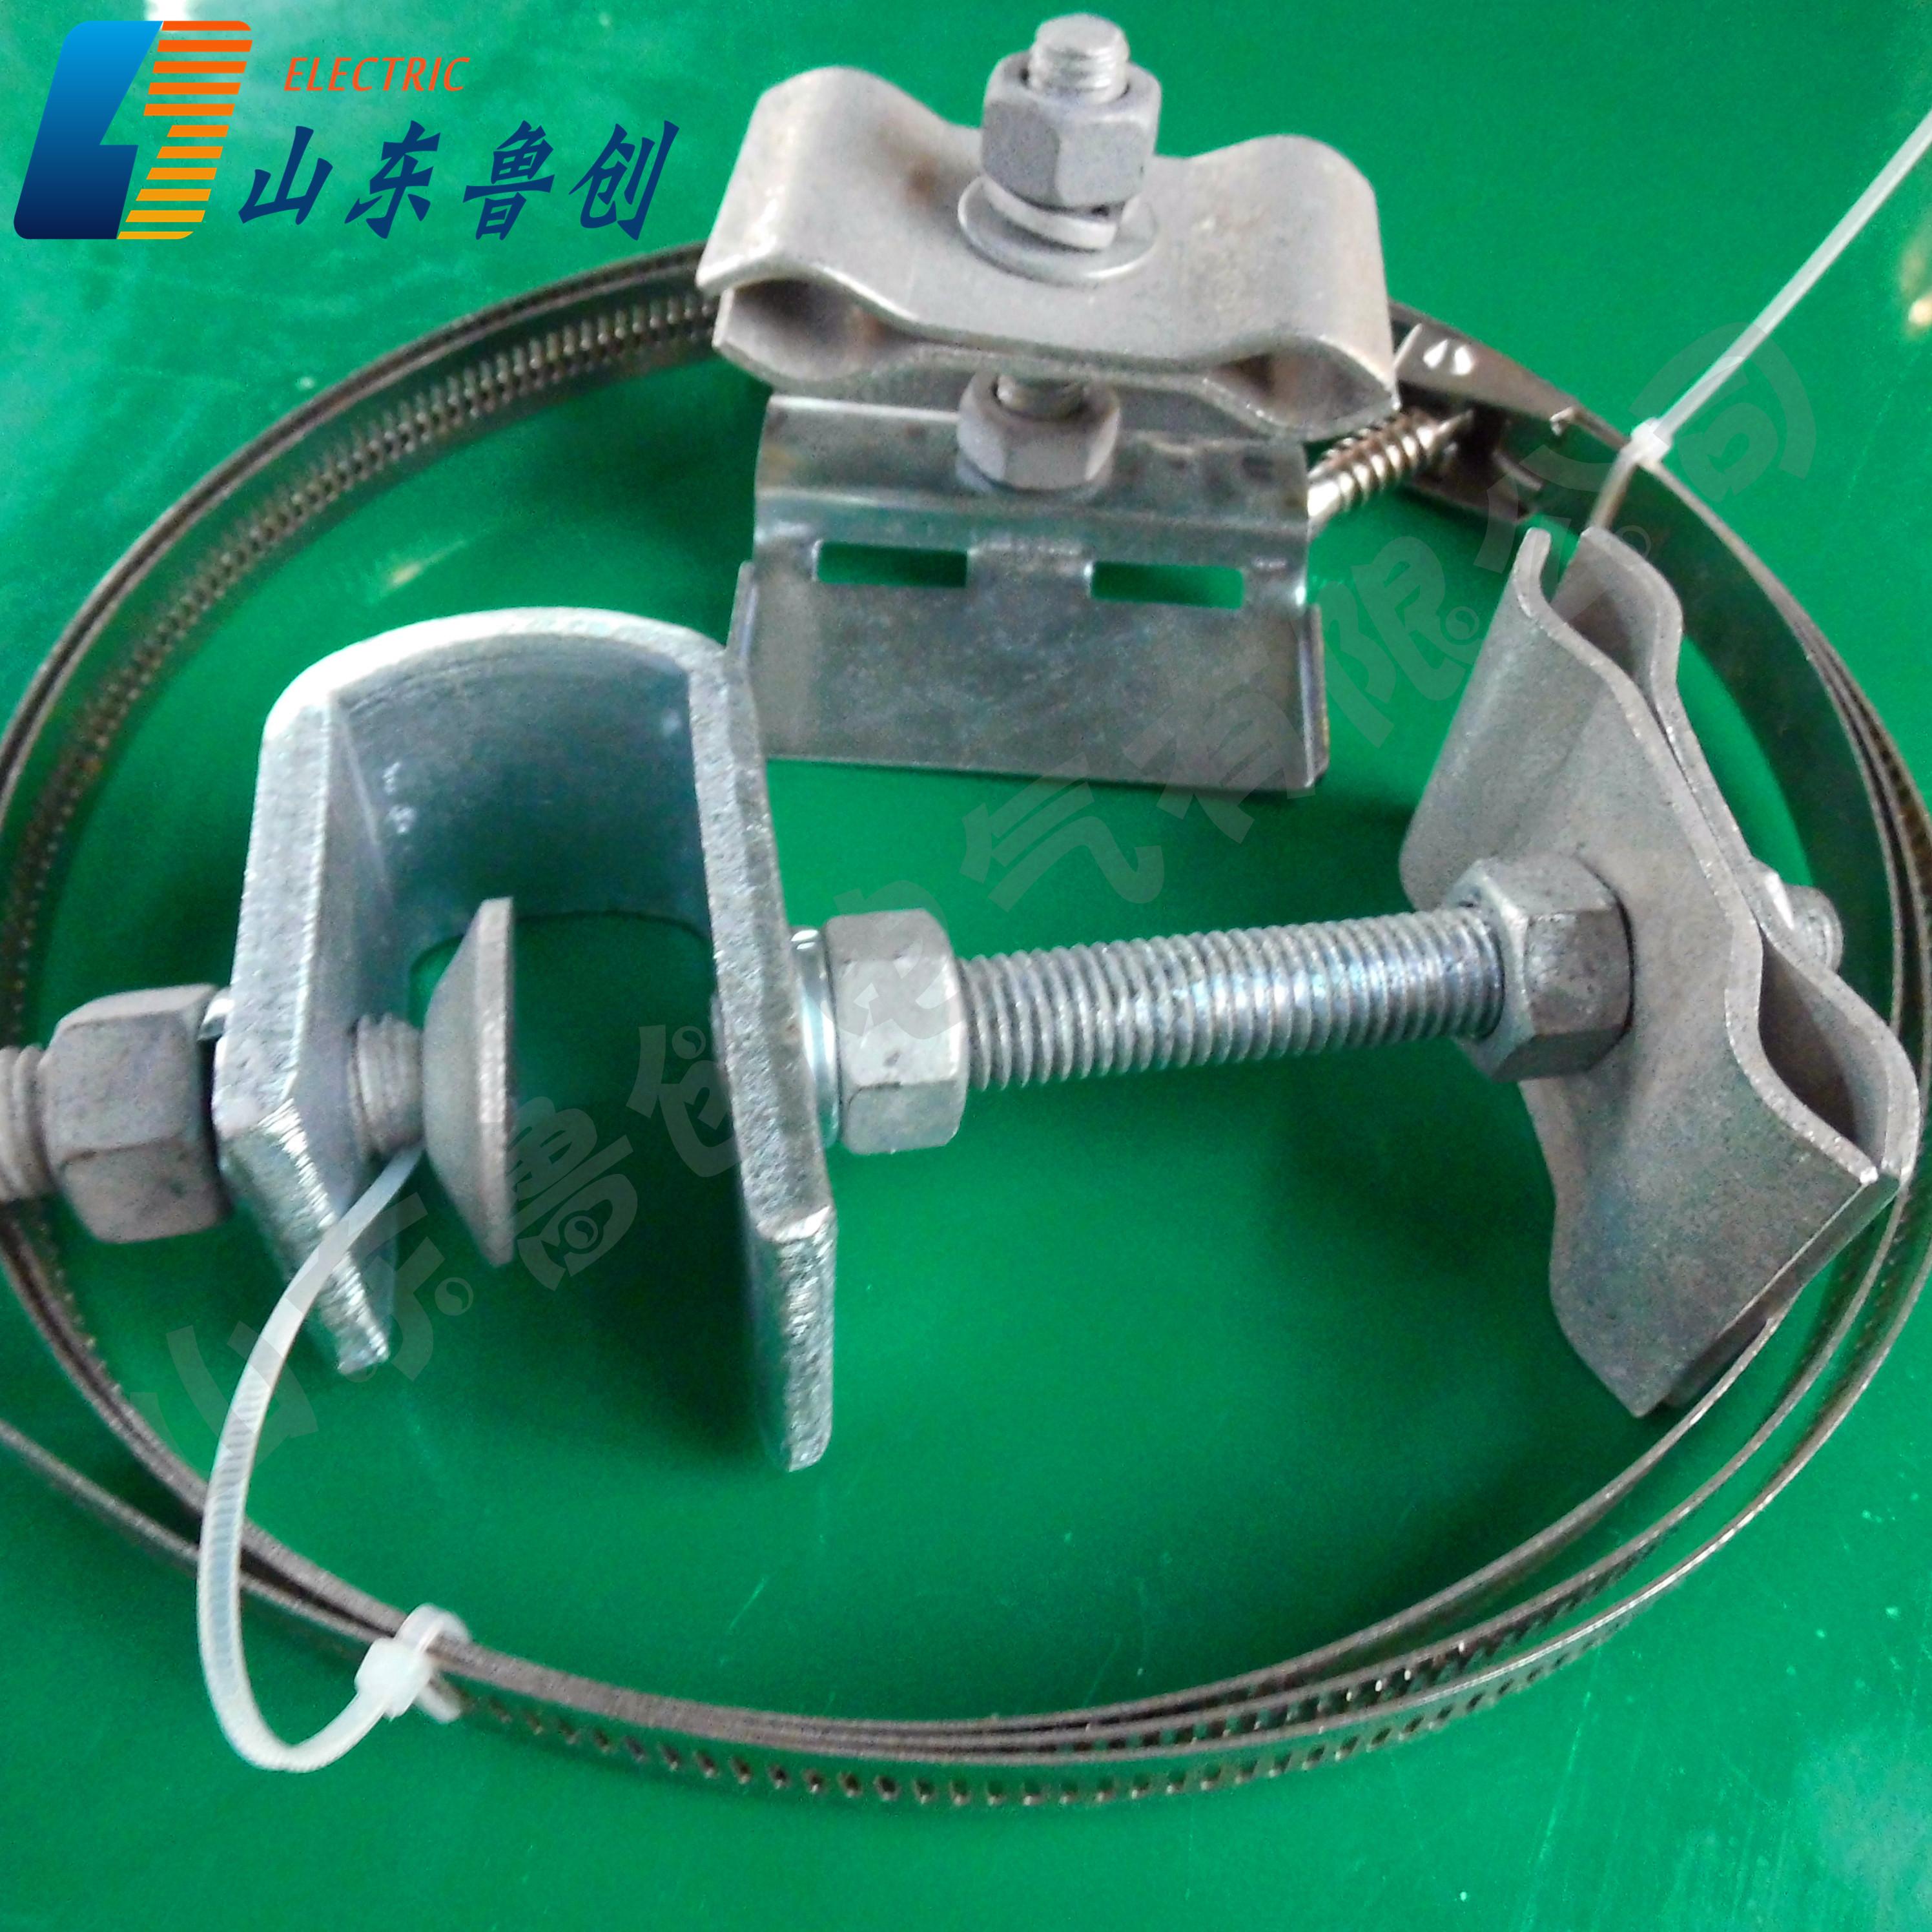 河北石家庄光缆金具,电力金具,电力光缆,ADSS光... - 中国供应商